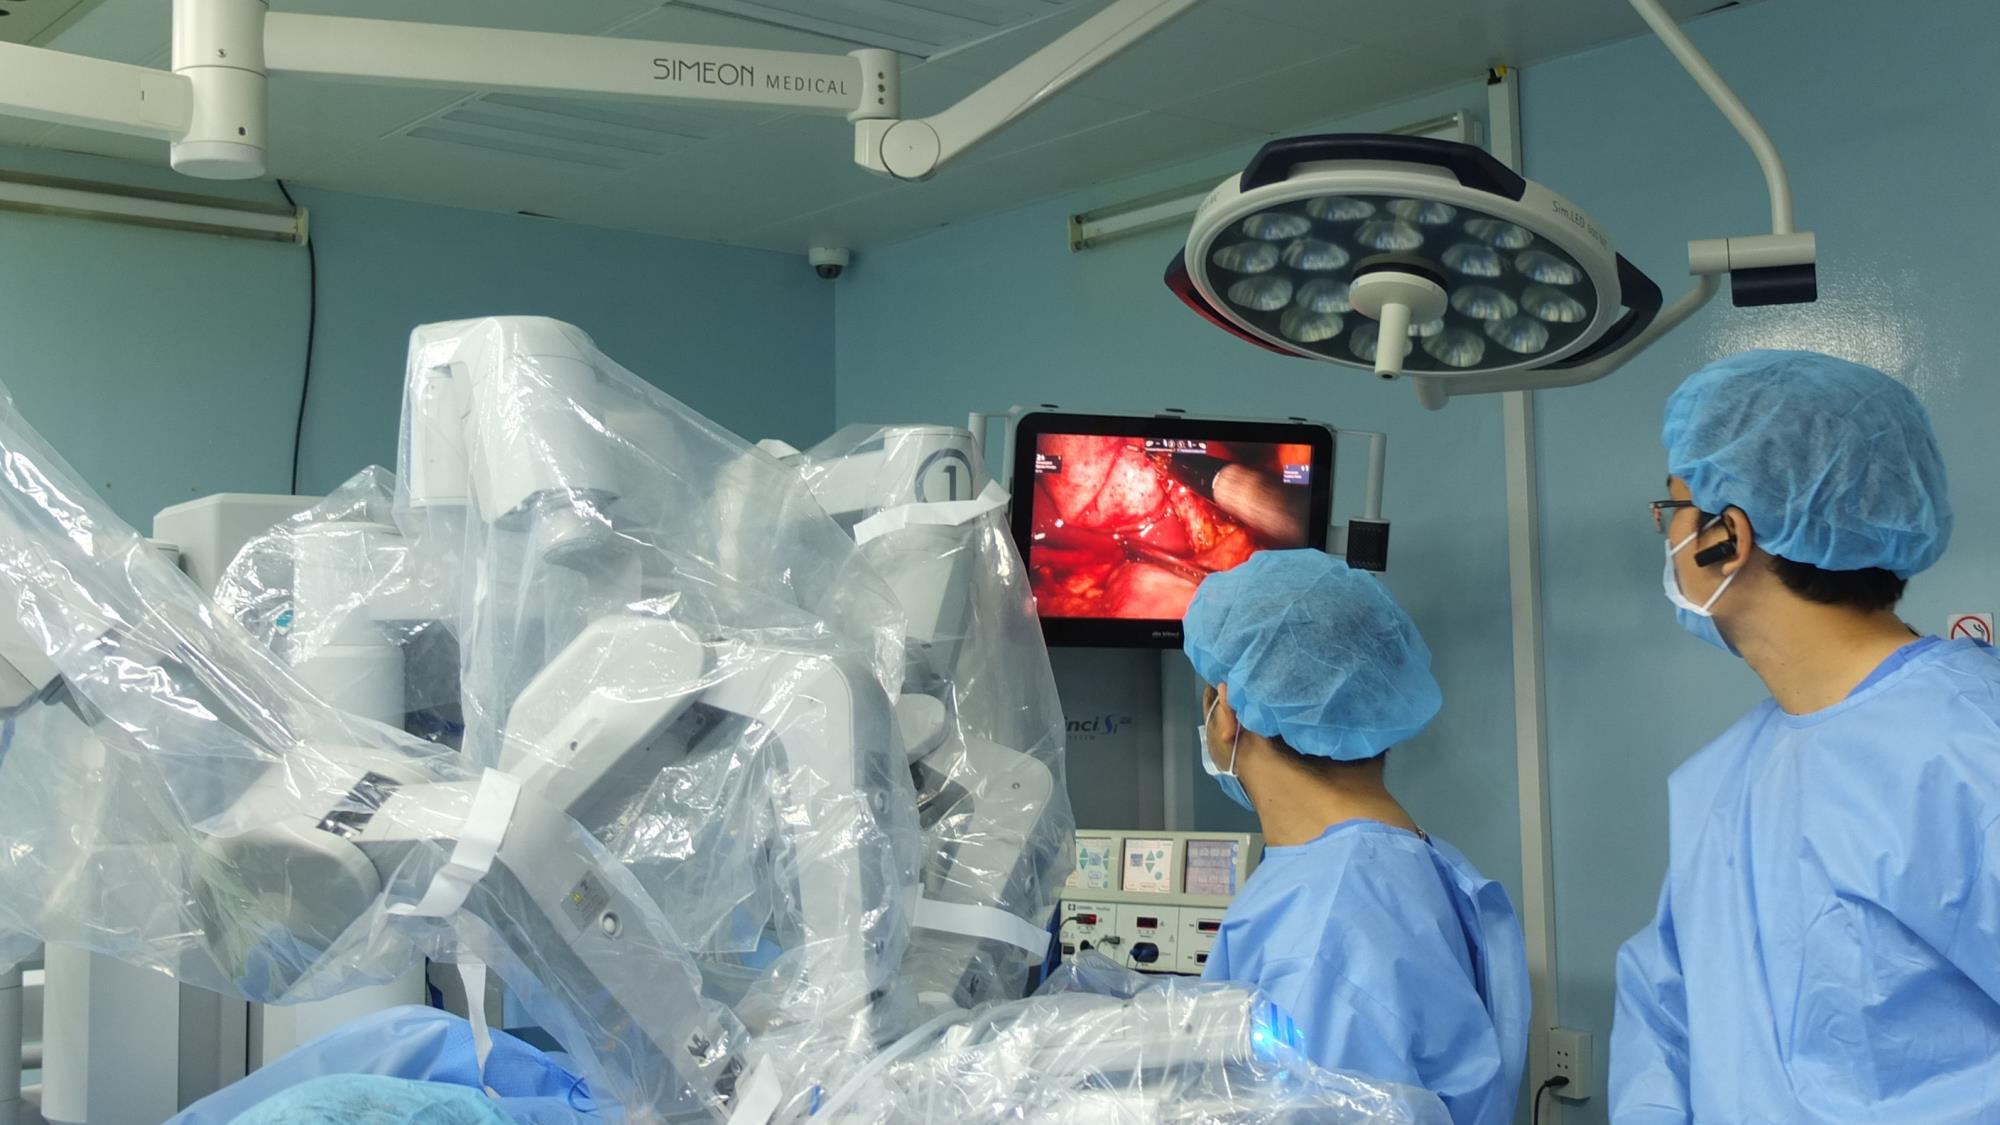 Phẫu thuật bằng robot cấp cứu thành công bệnh nhân mang song thai - Ảnh 1